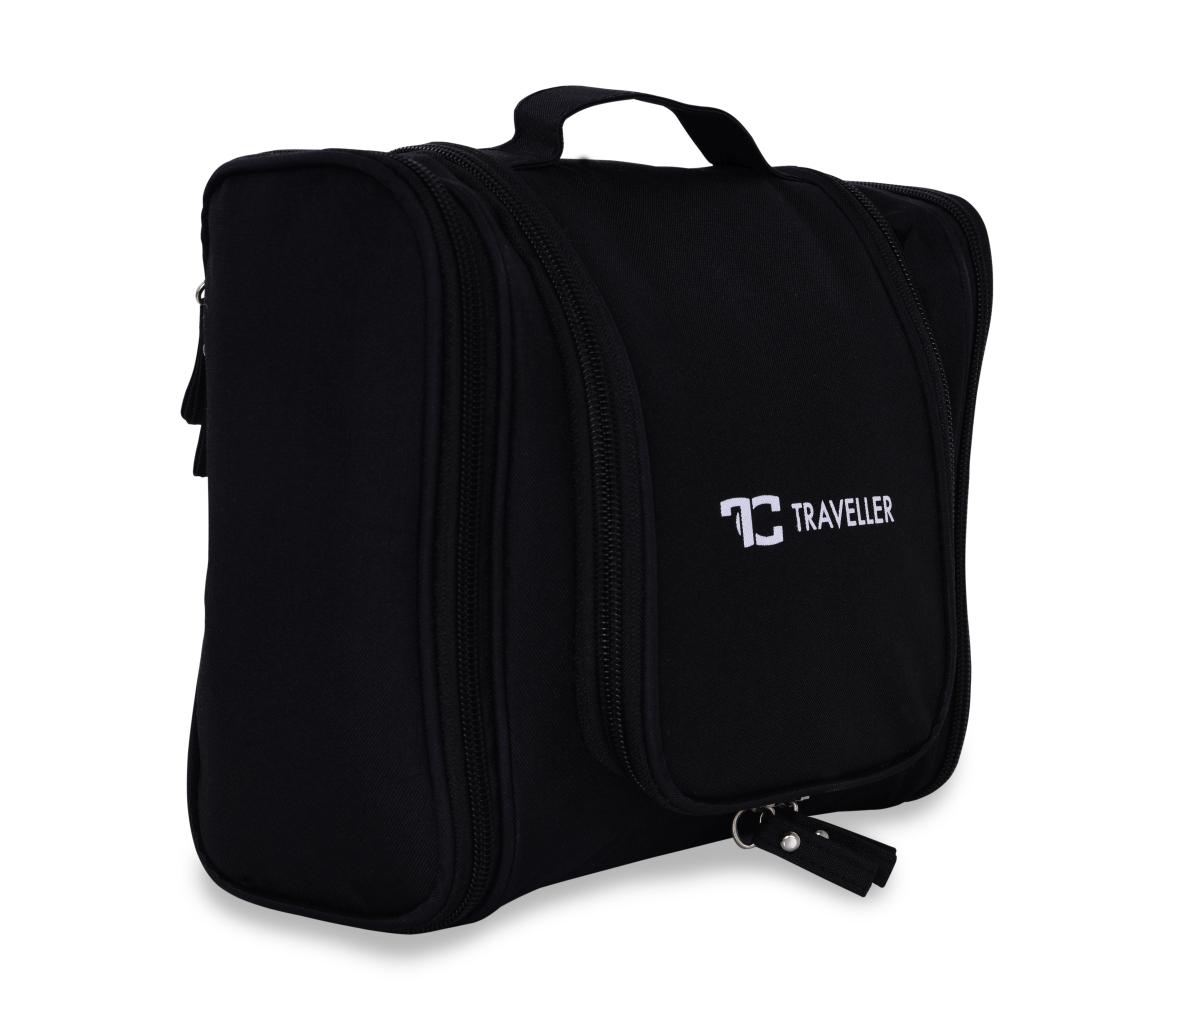 FC20501-Traveller cestovné organizér na toaletné potreby čierny